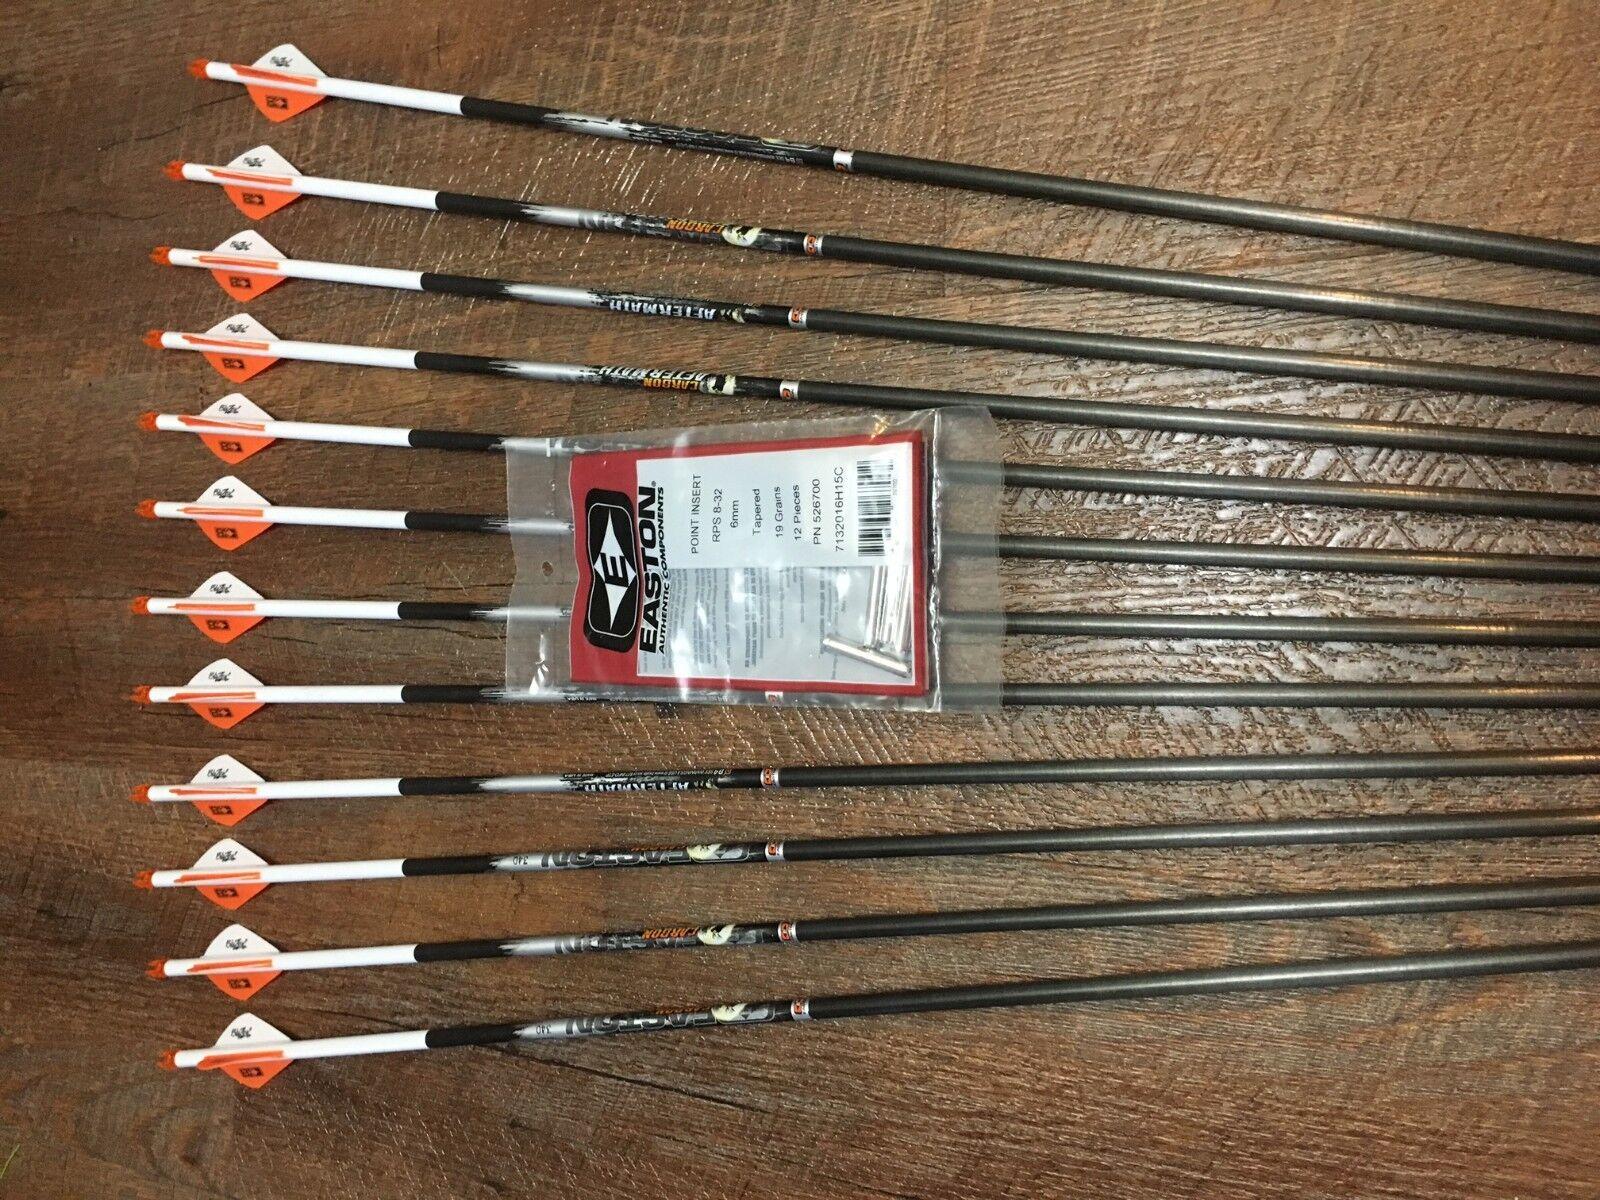 500 Flechas Easton De Carbono secuelas con Blazer Paletas Personalizado Juego De 12